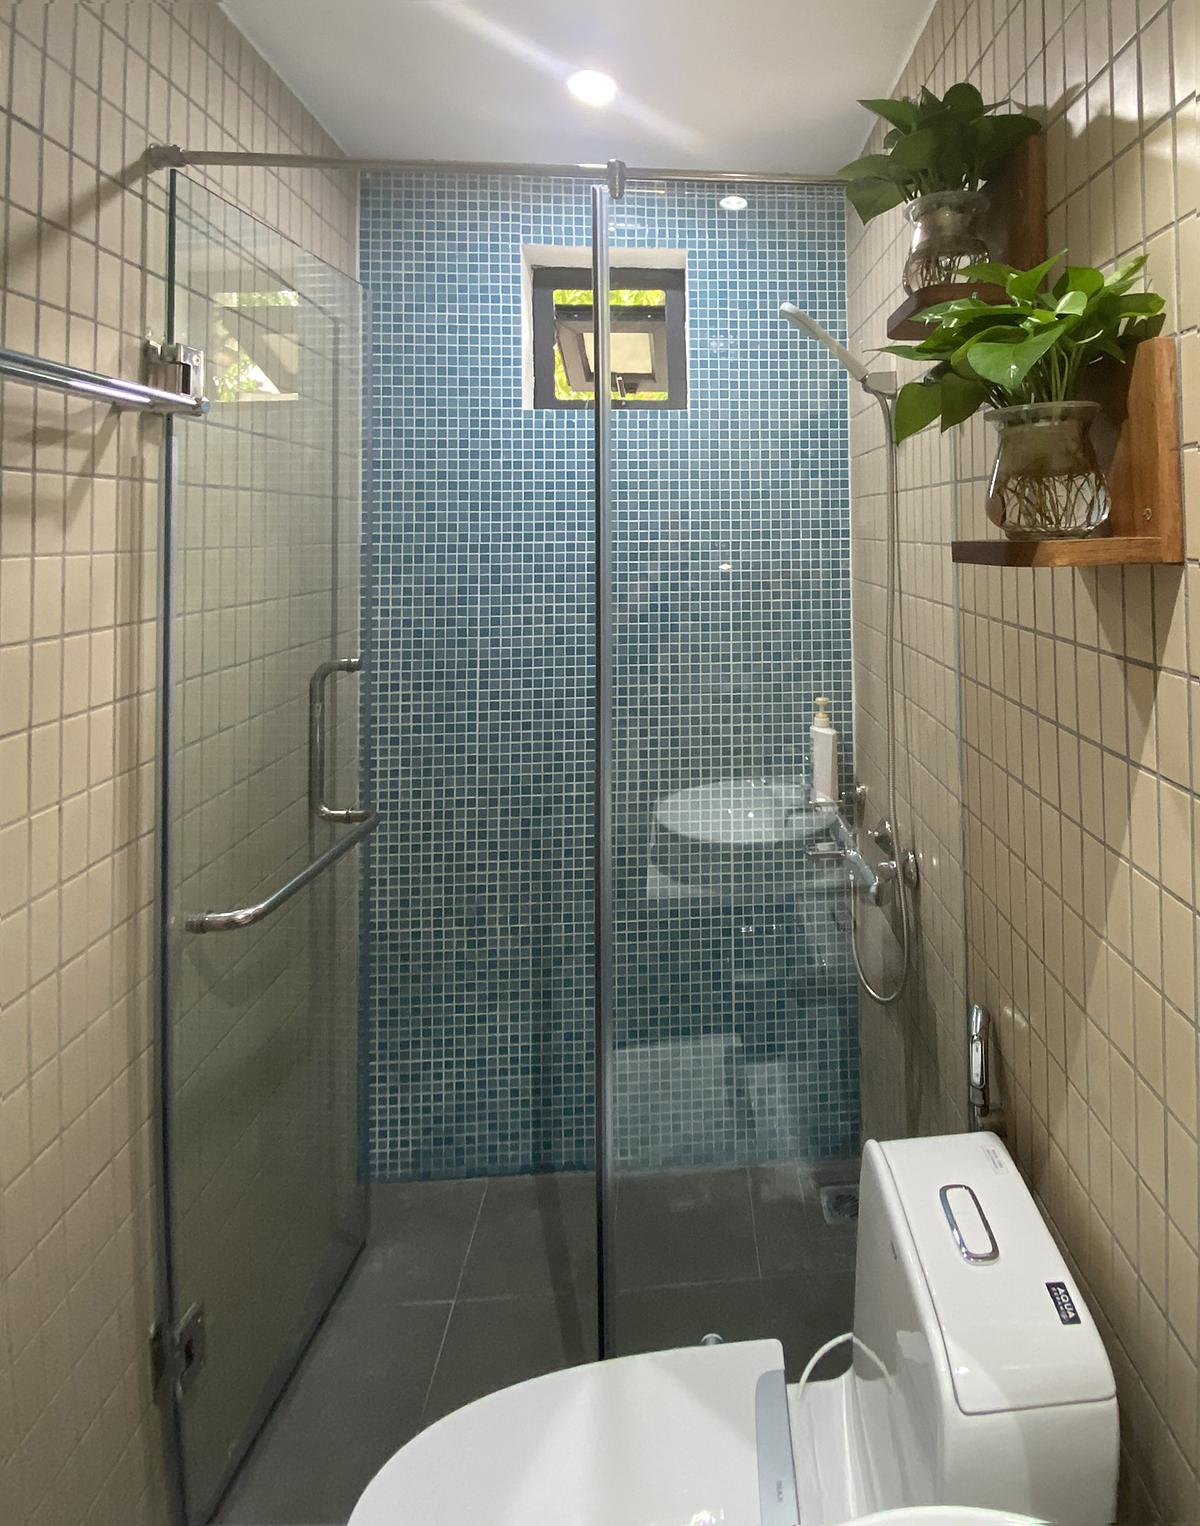 Phòng tắm của gia đình chị Phạm Thị Bích Thuận (Hà Nội) sau khi cải tạo. Ảnh: Nhật Lệ.